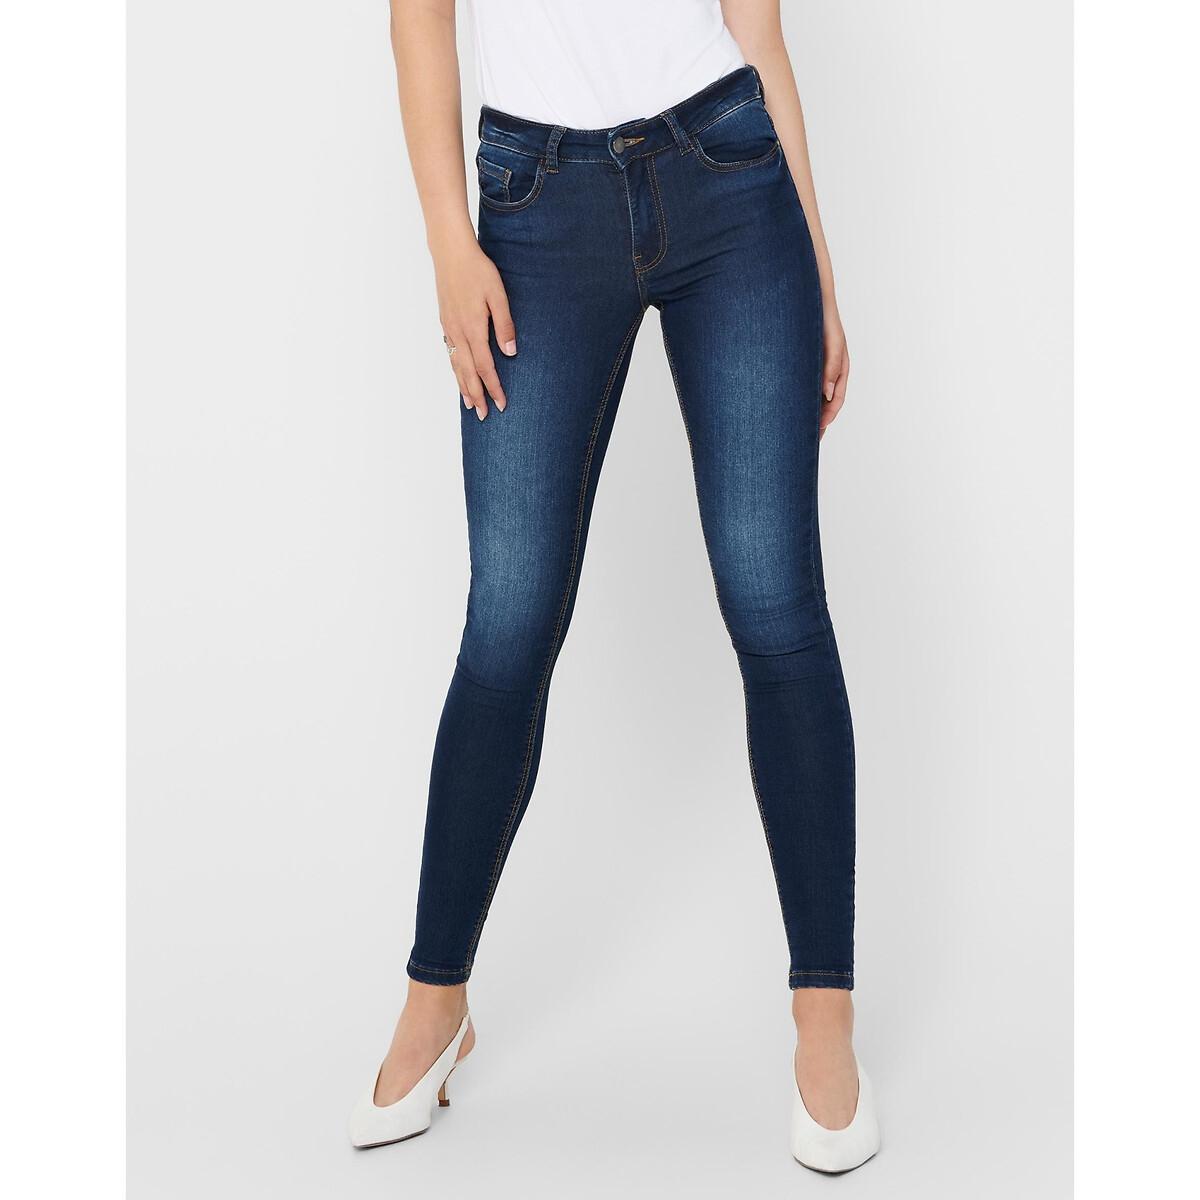 Фото - Джинсы LaRedoute Скинни XS/30 синий джинсы laredoute скинни длина 30 s черный